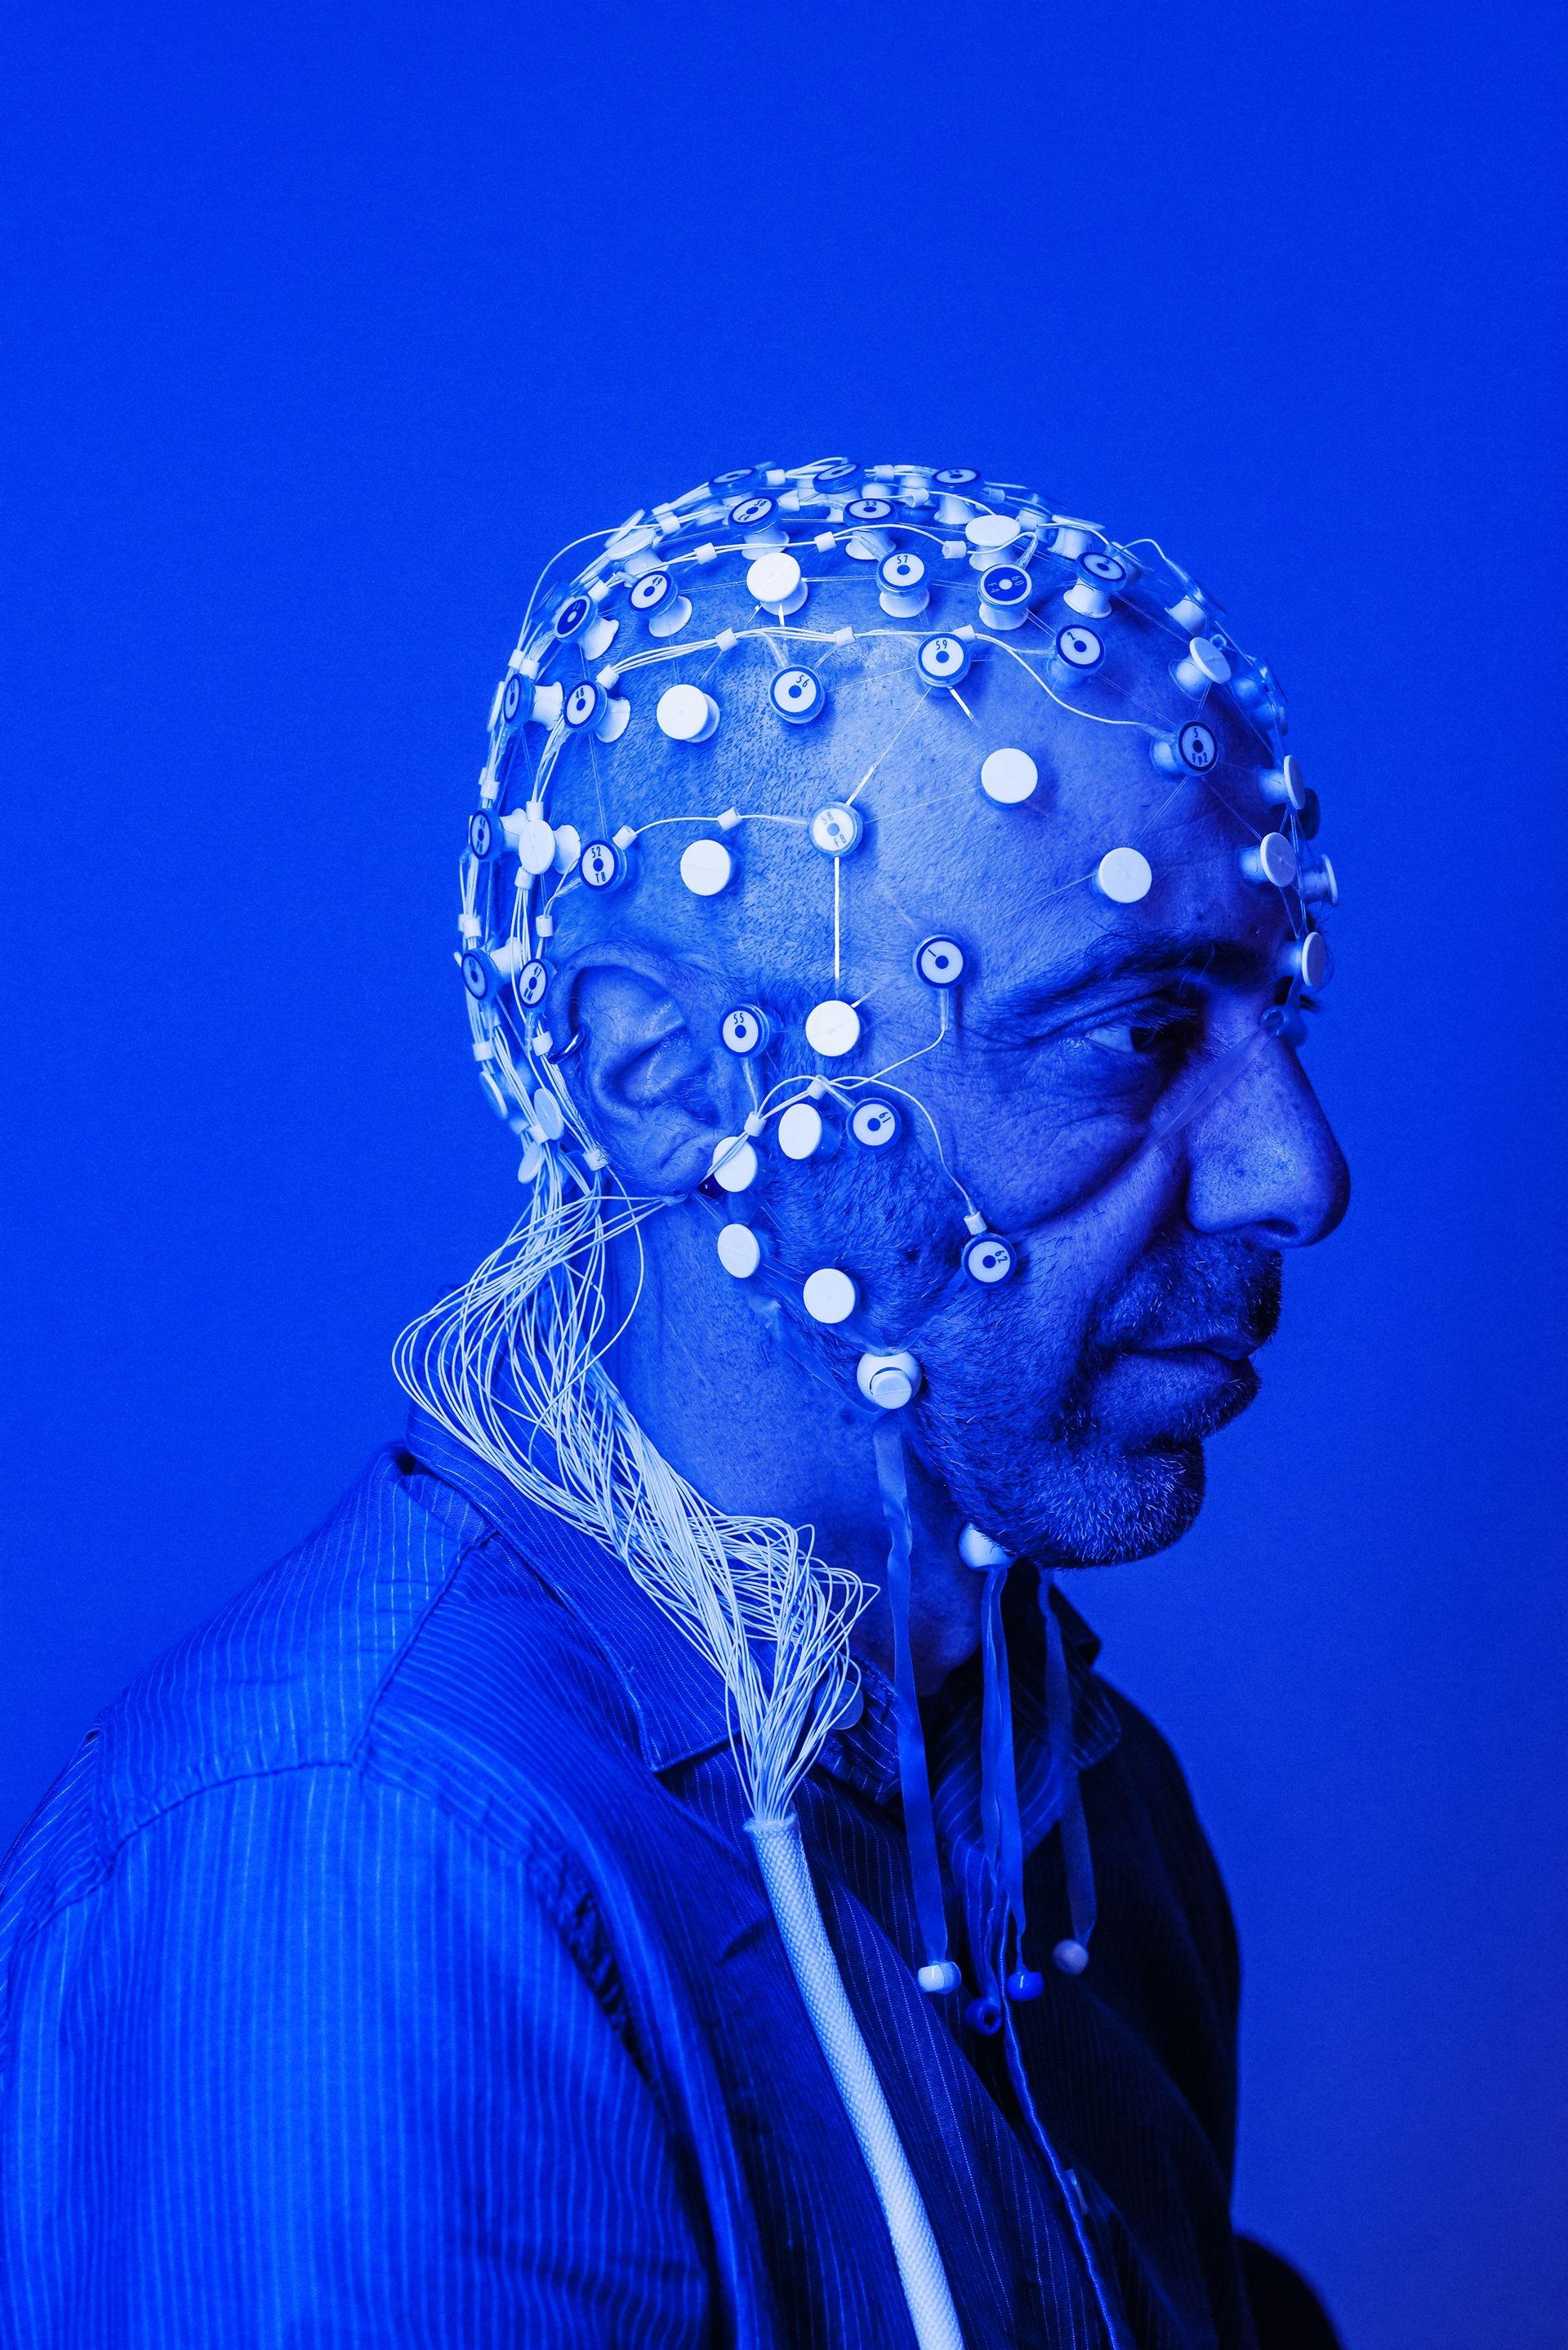 維塔利.拿帕多是美國哈佛醫學院和麻省綜合醫院的神經科學家,他研究的主題是腦部如何覺知疼痛。拿帕多以腦電圖追蹤慢性腰痛病人的腦波模式進行研究。 ROBERT CLARK